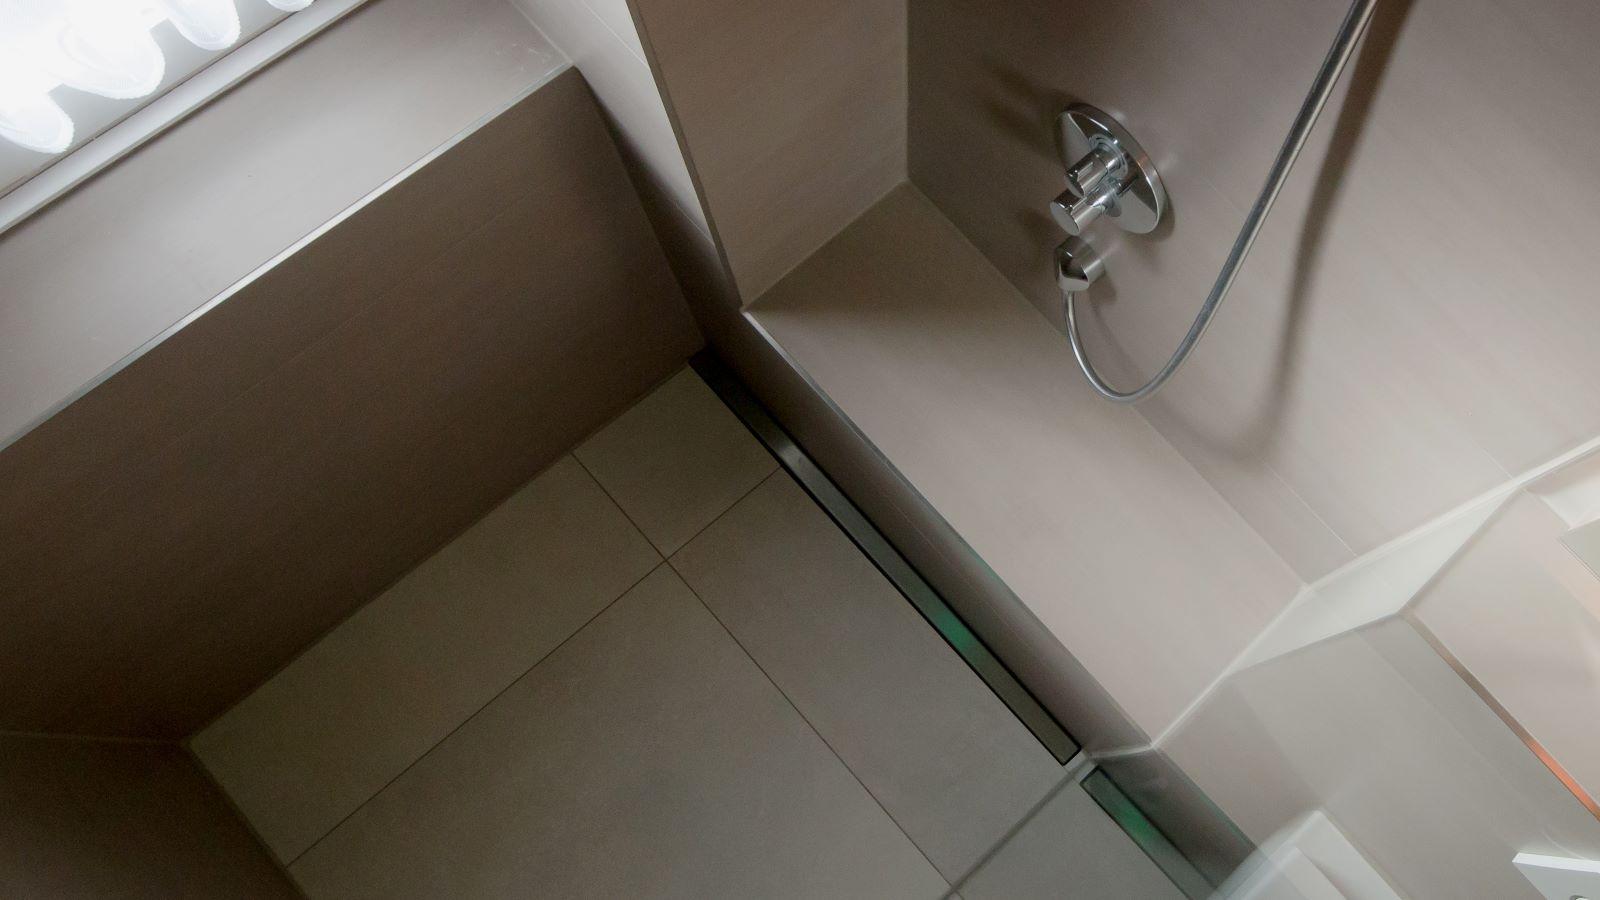 Abgebildet ist die v4a edelstahl-duschrinne pro in einer massgefertigten variante fuer den wandbuendigen einbau in einer barrierefreien duschkabine. Mit den individuellen wandaufkantungen und der kleinen aufkantung fuer die ganzglas-duschwand, die auch auf dem foto sichtbar ist, ist die einfache herstellung des einseitigen gefaelleestrichs und die verlegung der grossformatigen bodenfliesen moeglich, die ebenfalls sichtbar sind.